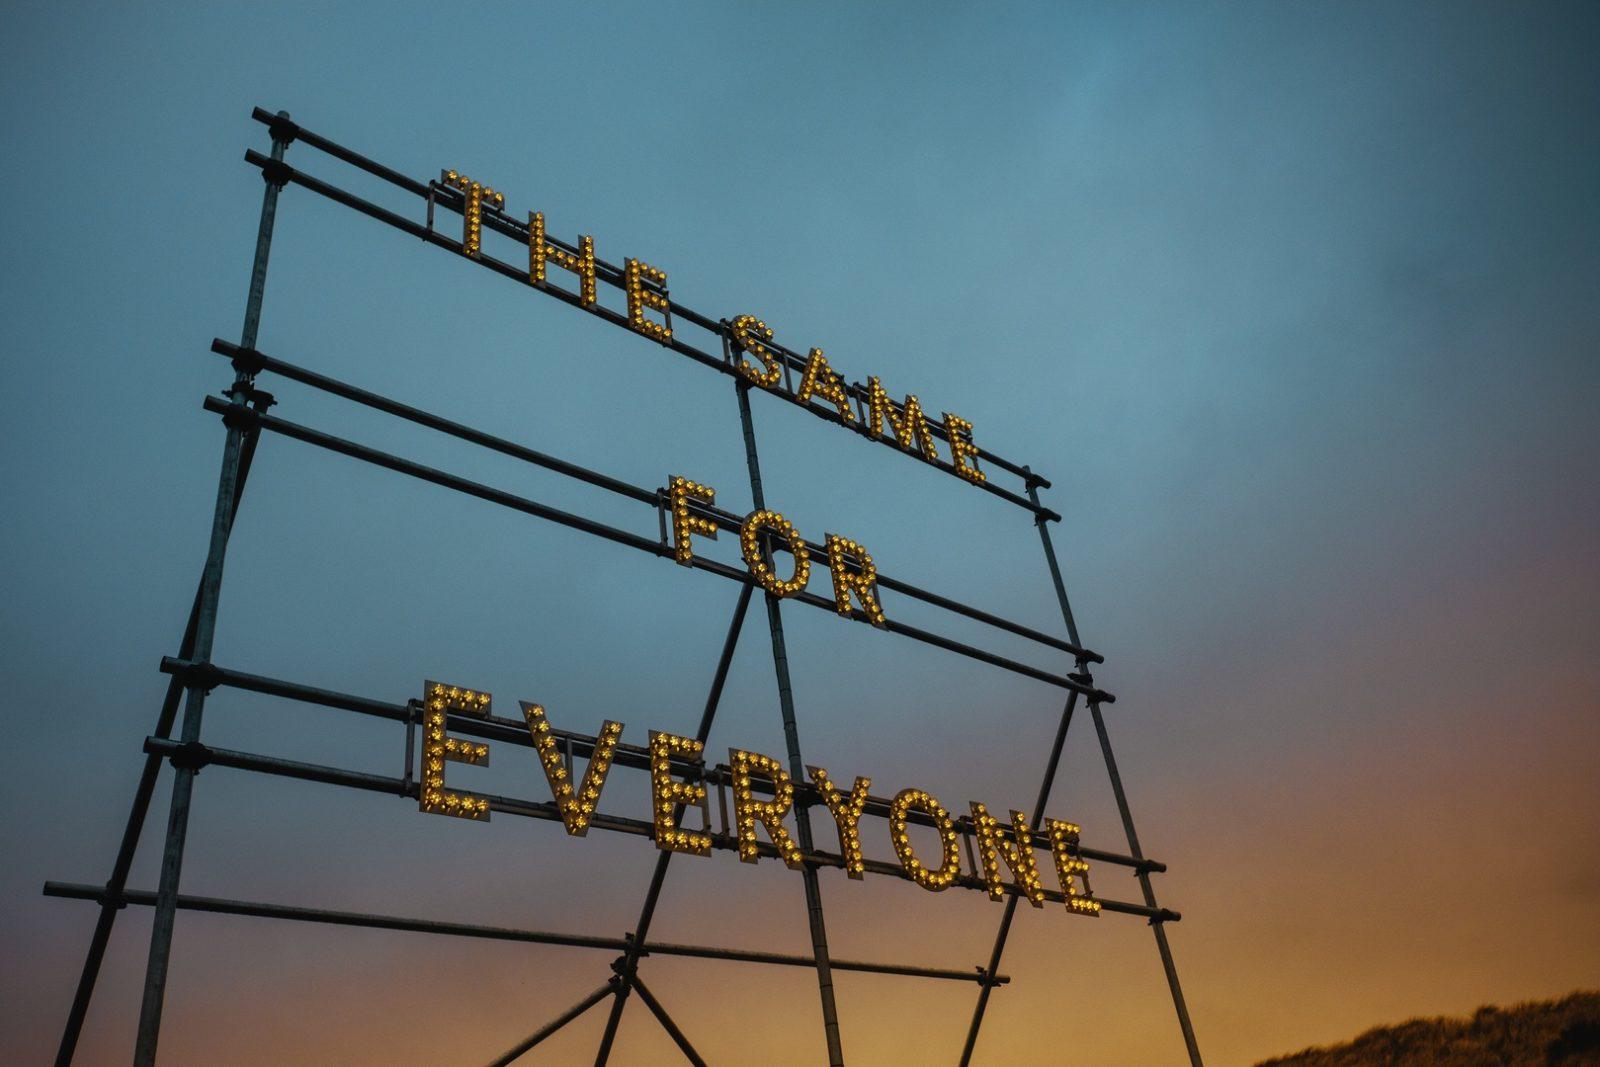 Leuchtreklame mit Schriftzug 'The Same for Everyone' vor einem Abendhimmel